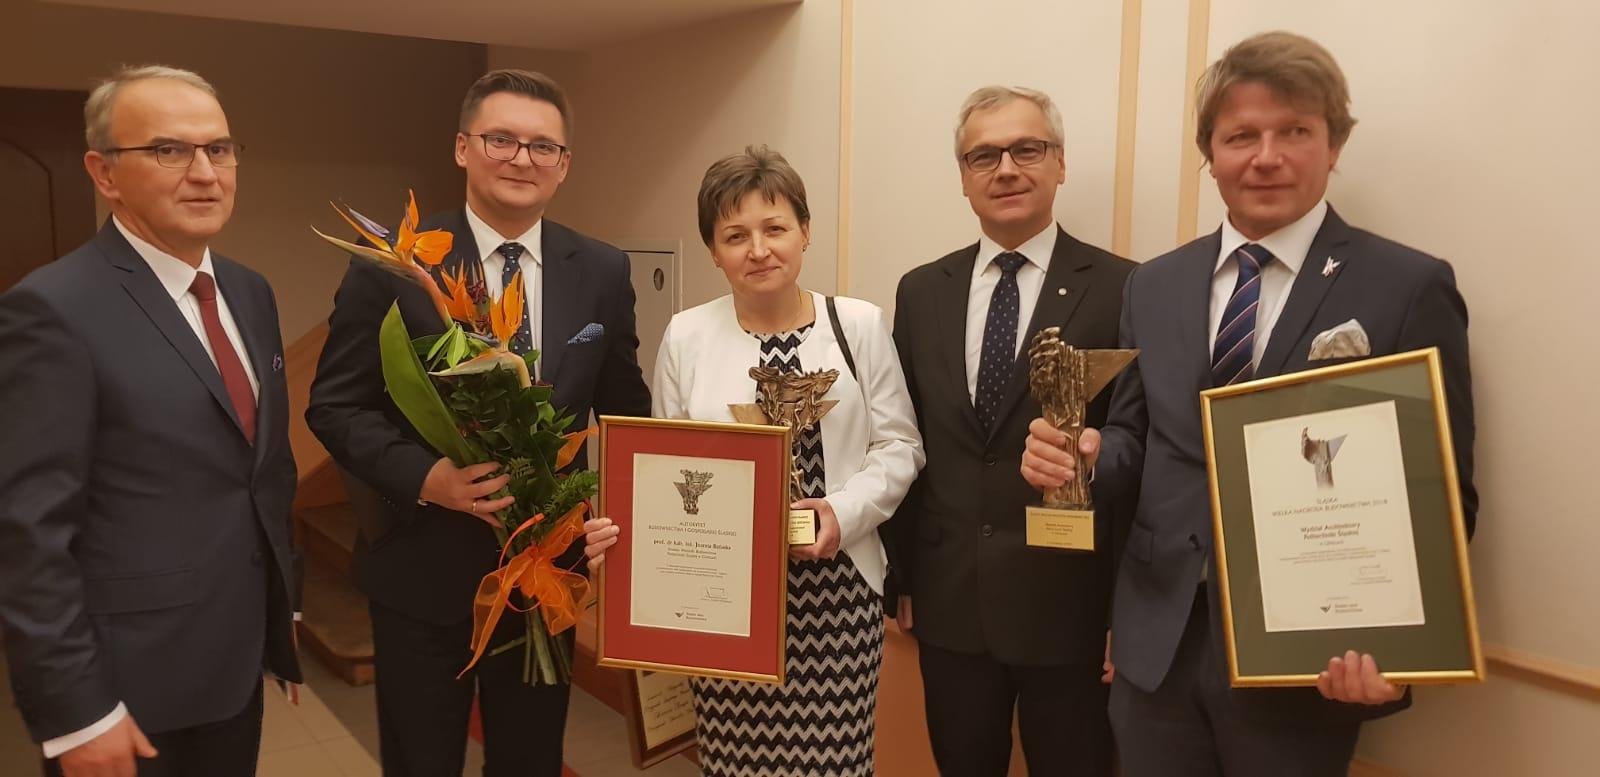 ŚLĄSKA WIELKA NAGRODA BUDOWNICTWA 2018 DLA WYDZIAŁU ARCHITEKTURY POLITECHNIKI ŚLĄSKIEJ!